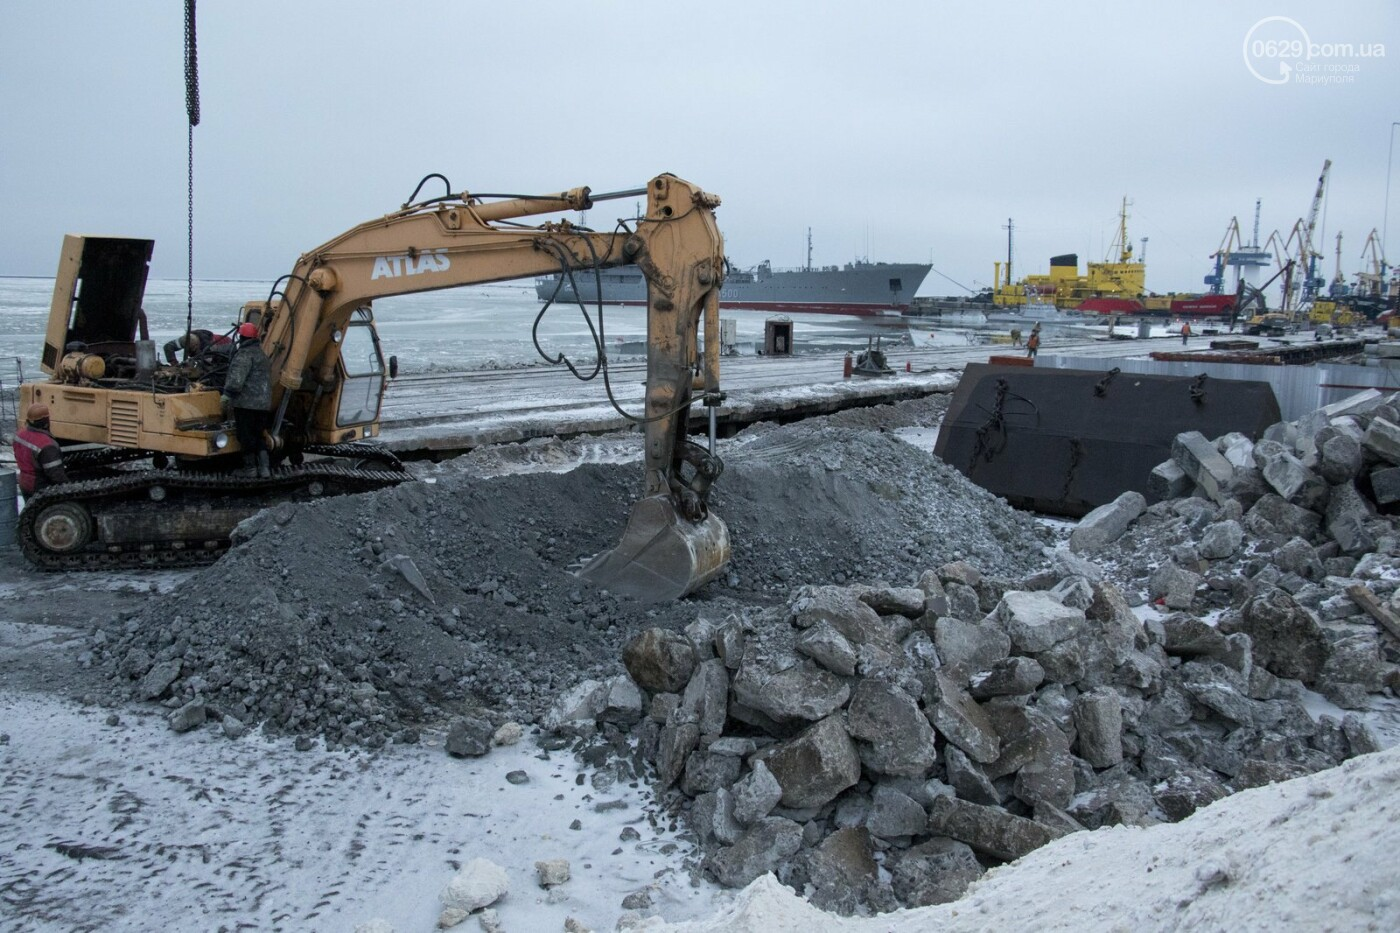 Из-за строительства Керченского моста и незаконной блокады порт Мариуполя потерял 6 миллиардов гривен, - ФОТО, фото-8